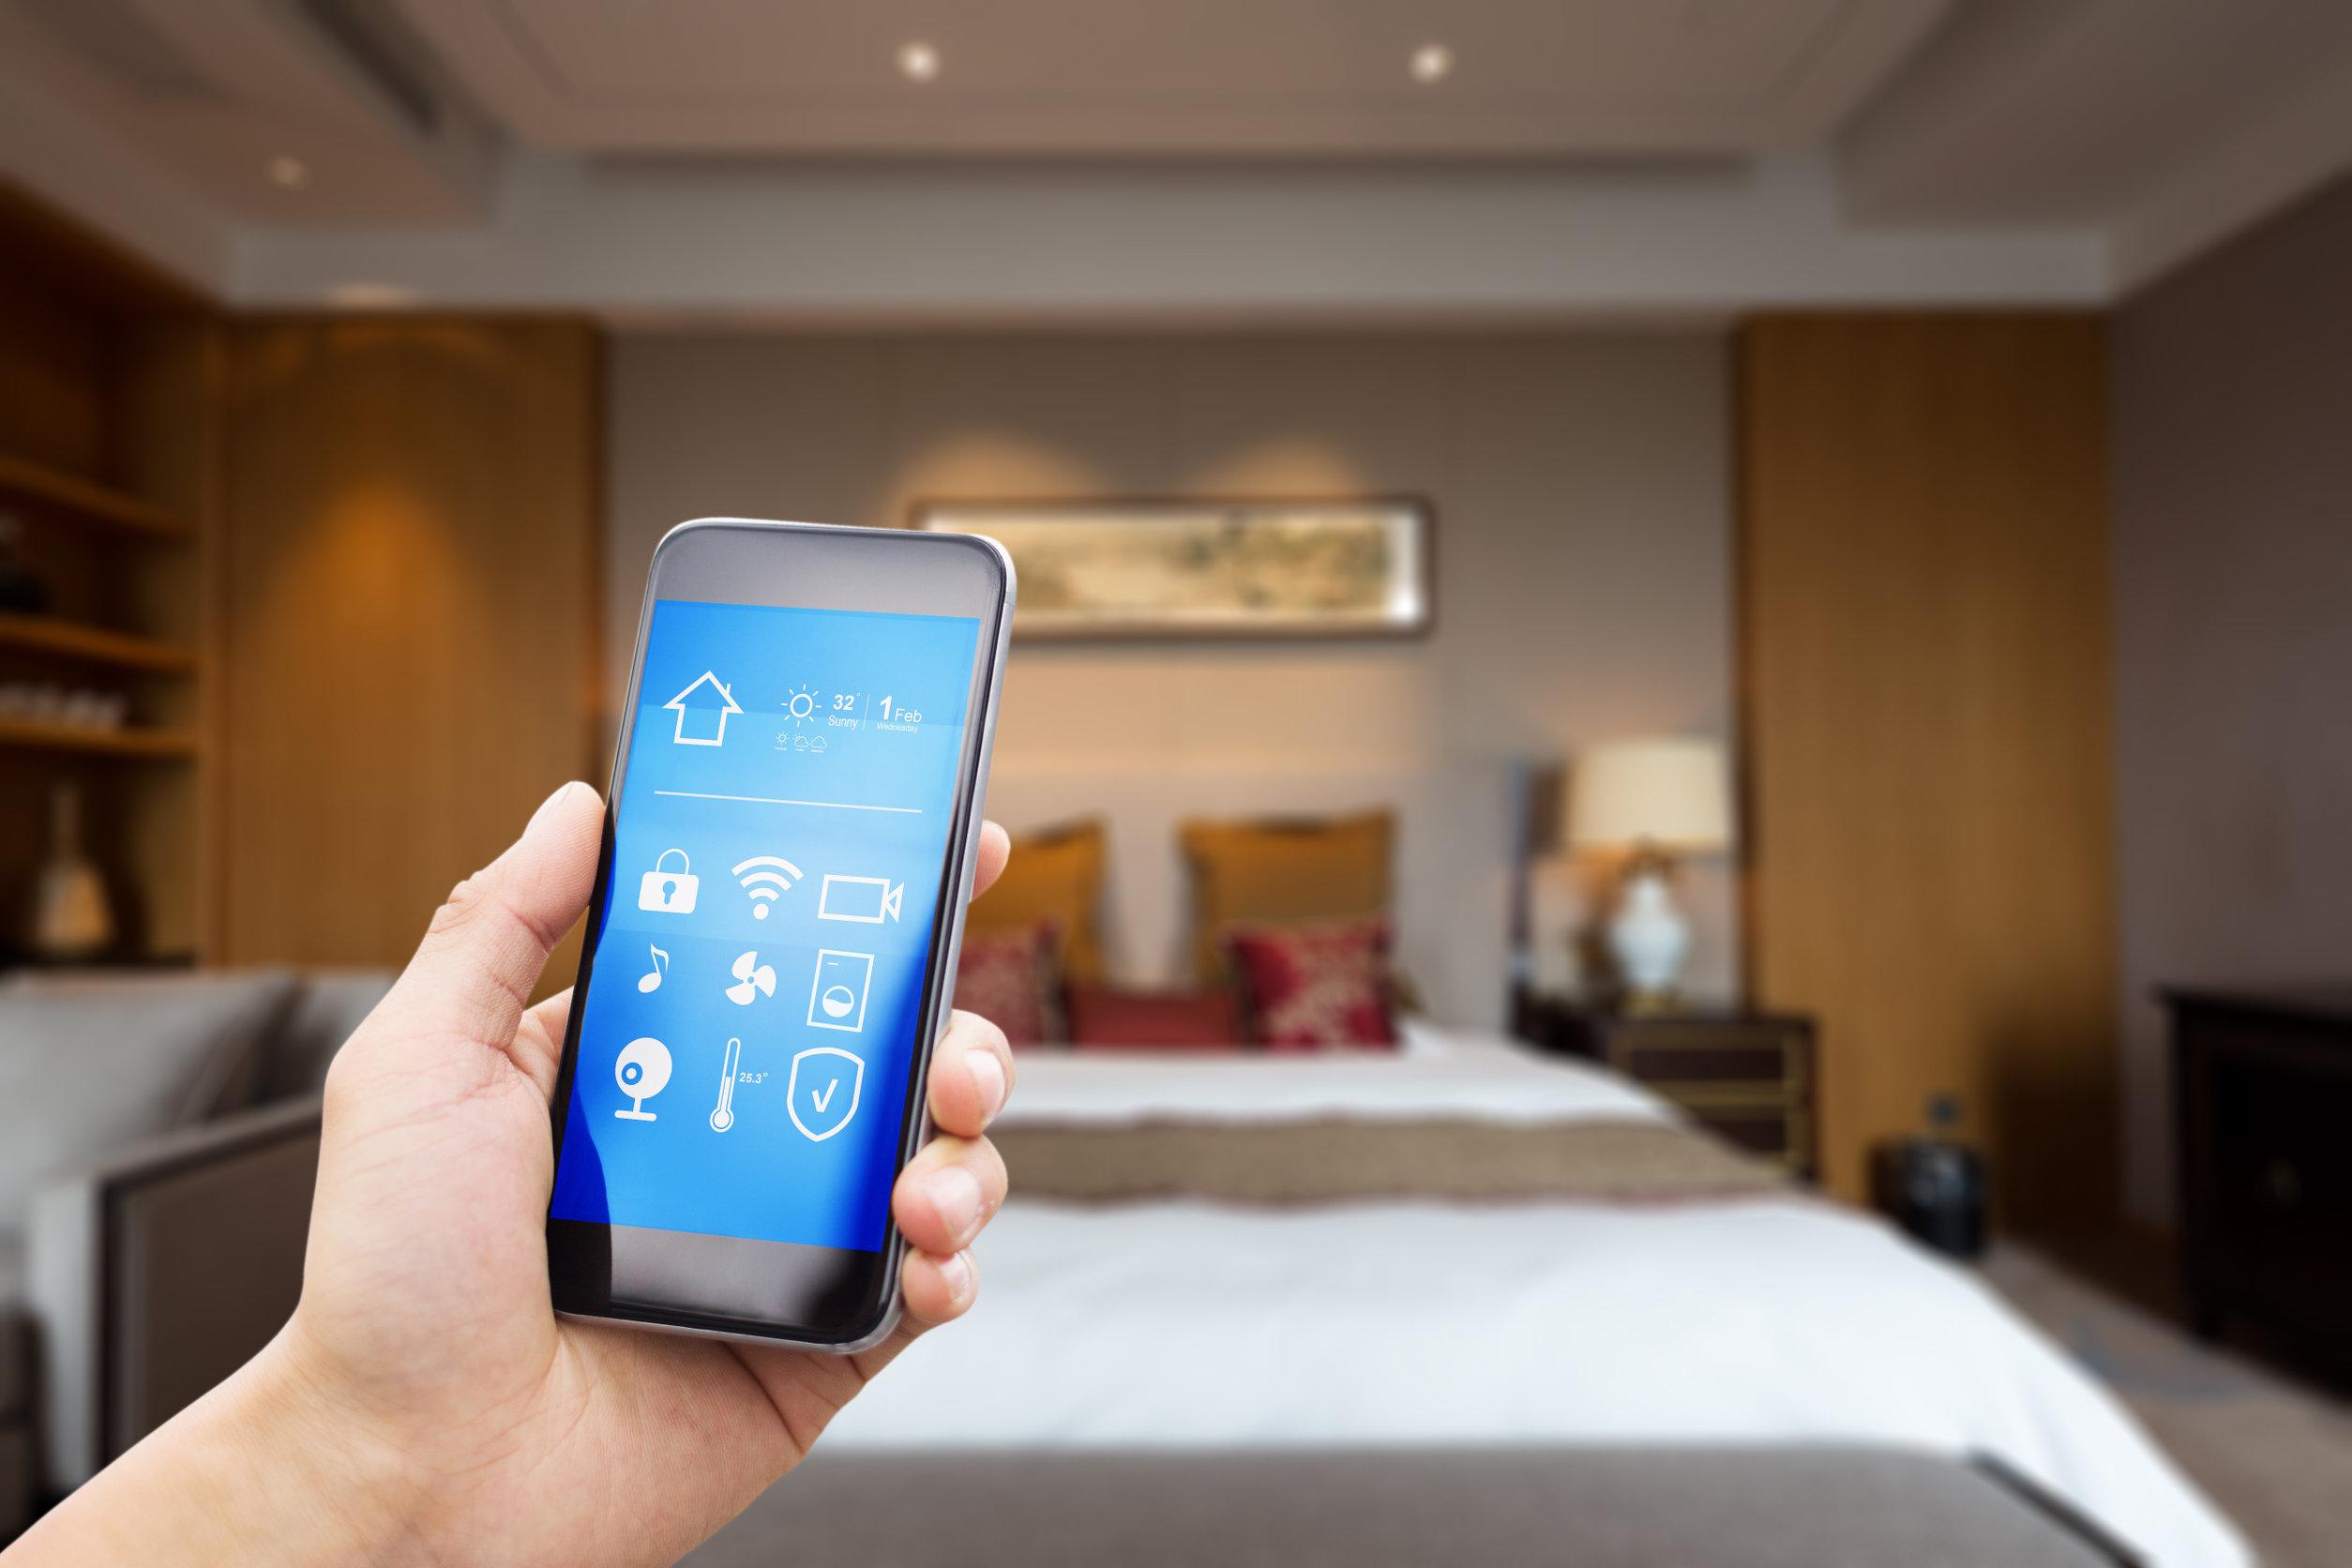 Teléfono móvil con aplicaciones